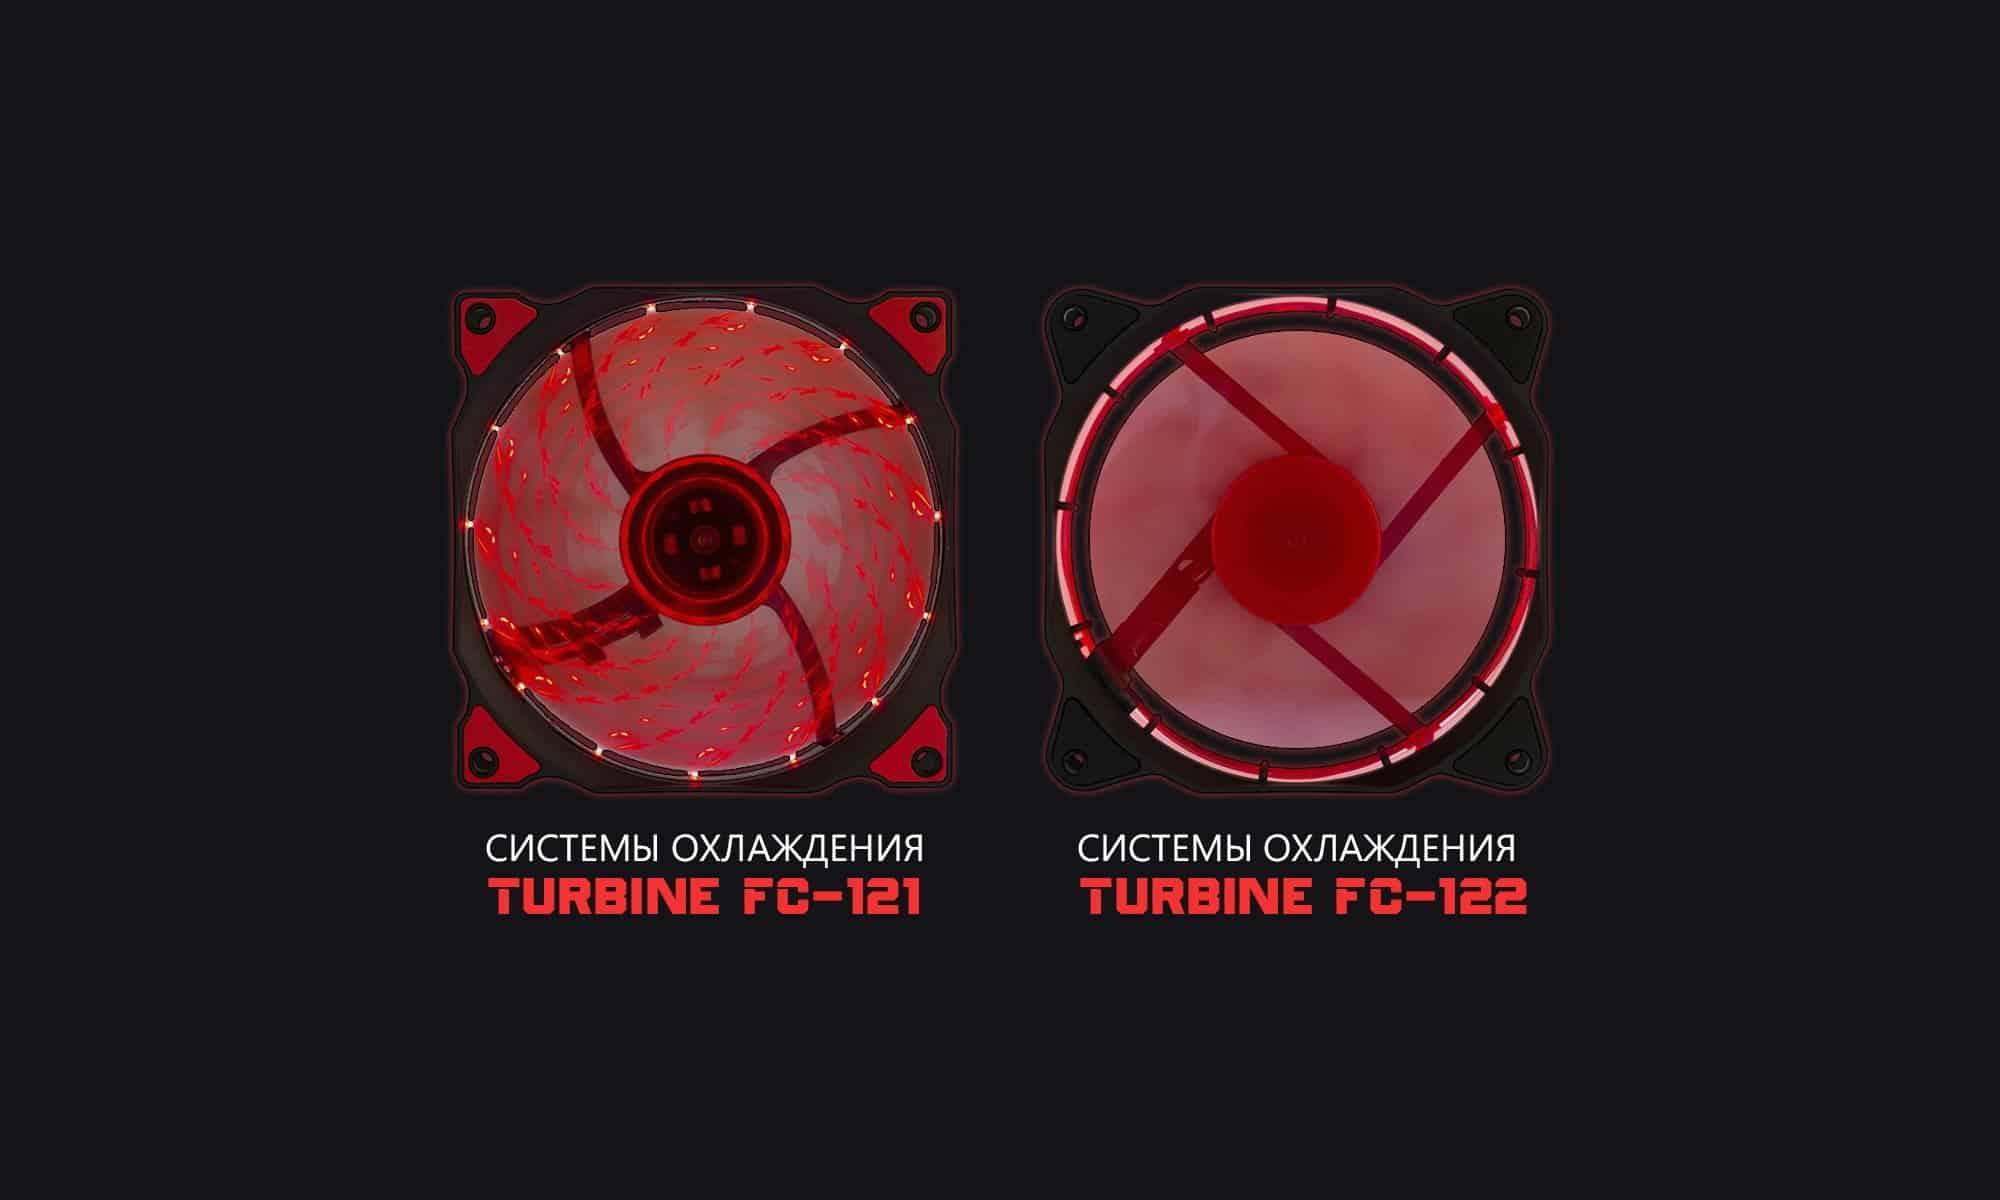 Fantech Turbine FC-121 и Fantech Turbine FC-122